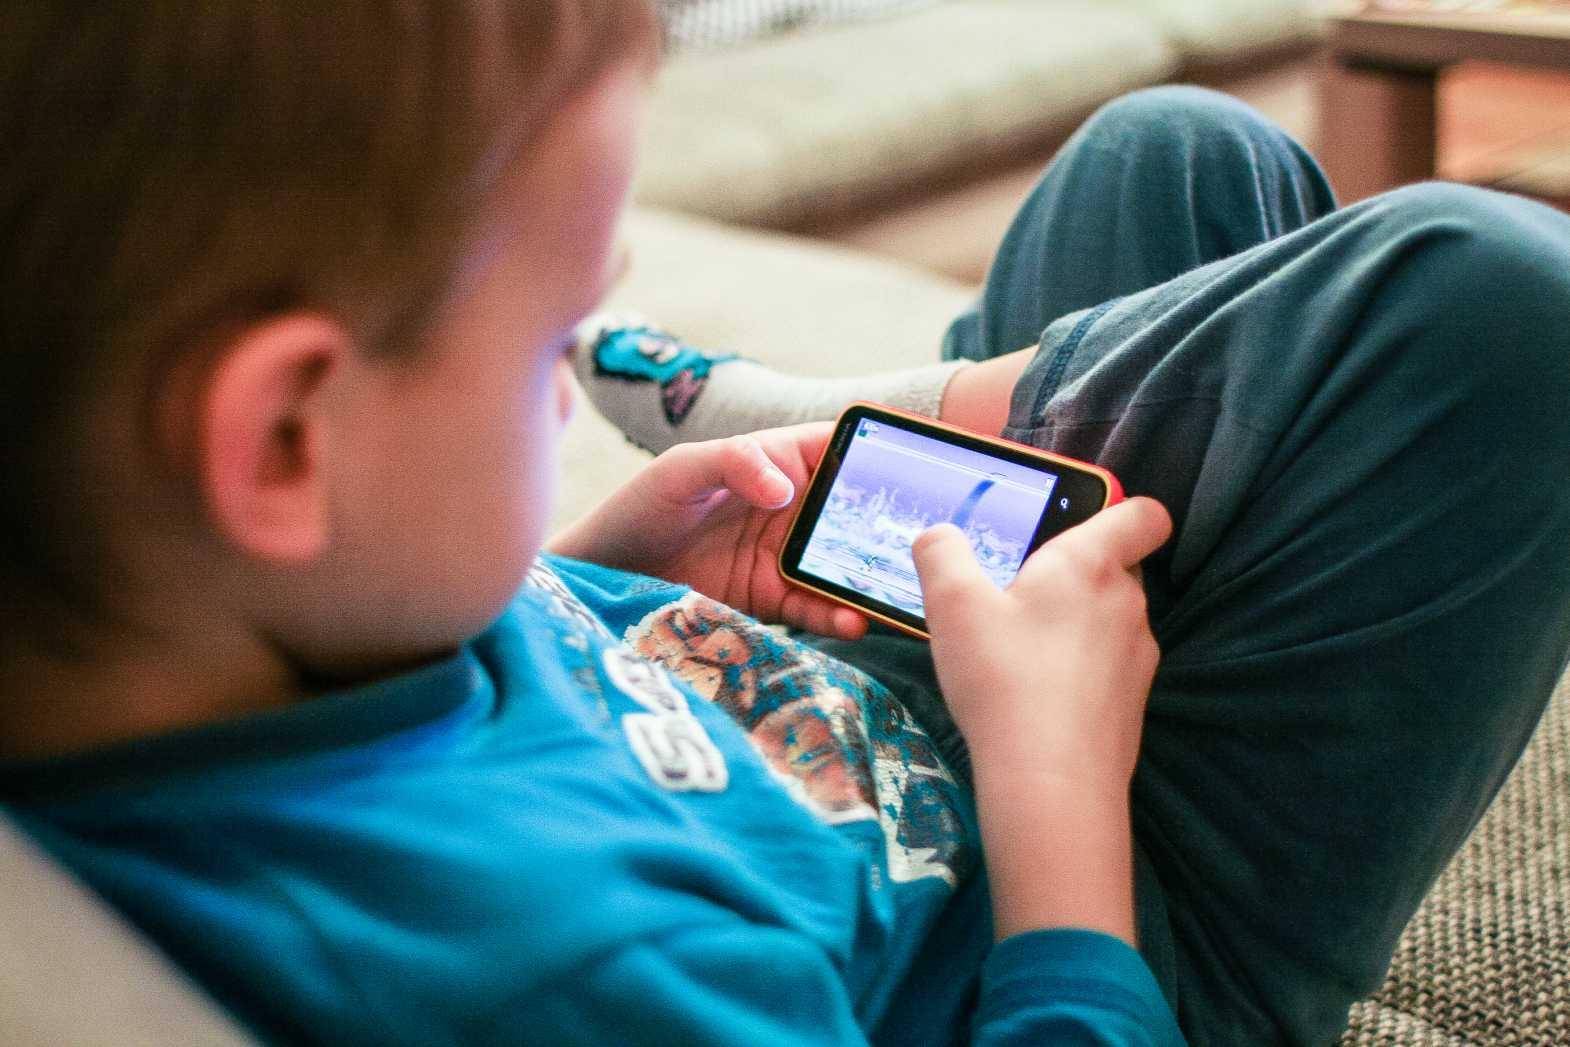 أفضل الألعاب حاليا على الهواتف الذكية وأجهزة Android اللوحية